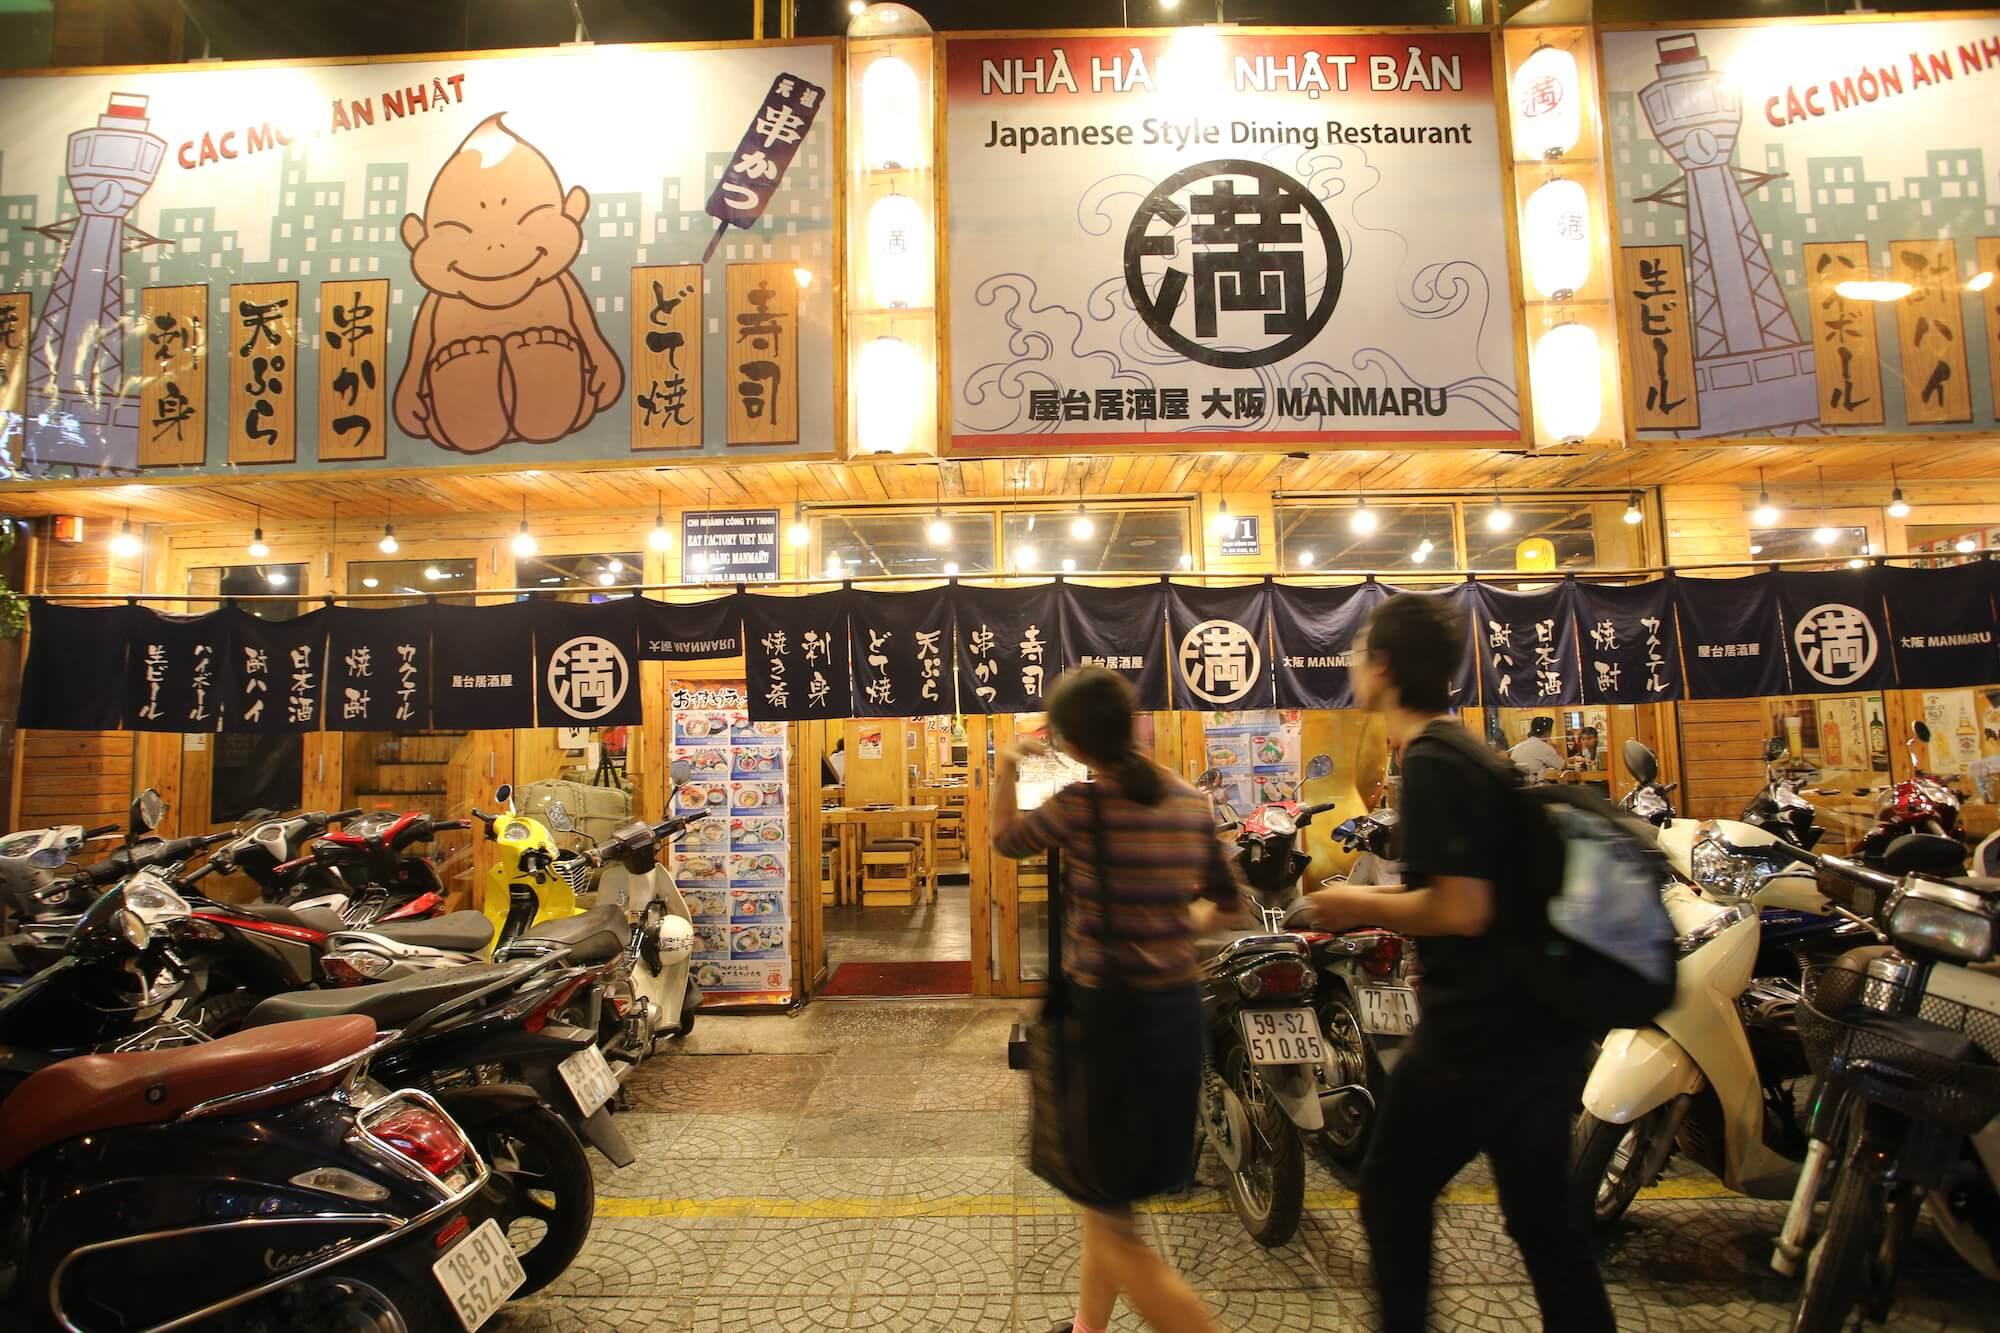 ホーチミン,居酒屋,日本食,安い,ランチ,おすすめ,満マル,マンマル,まんまる